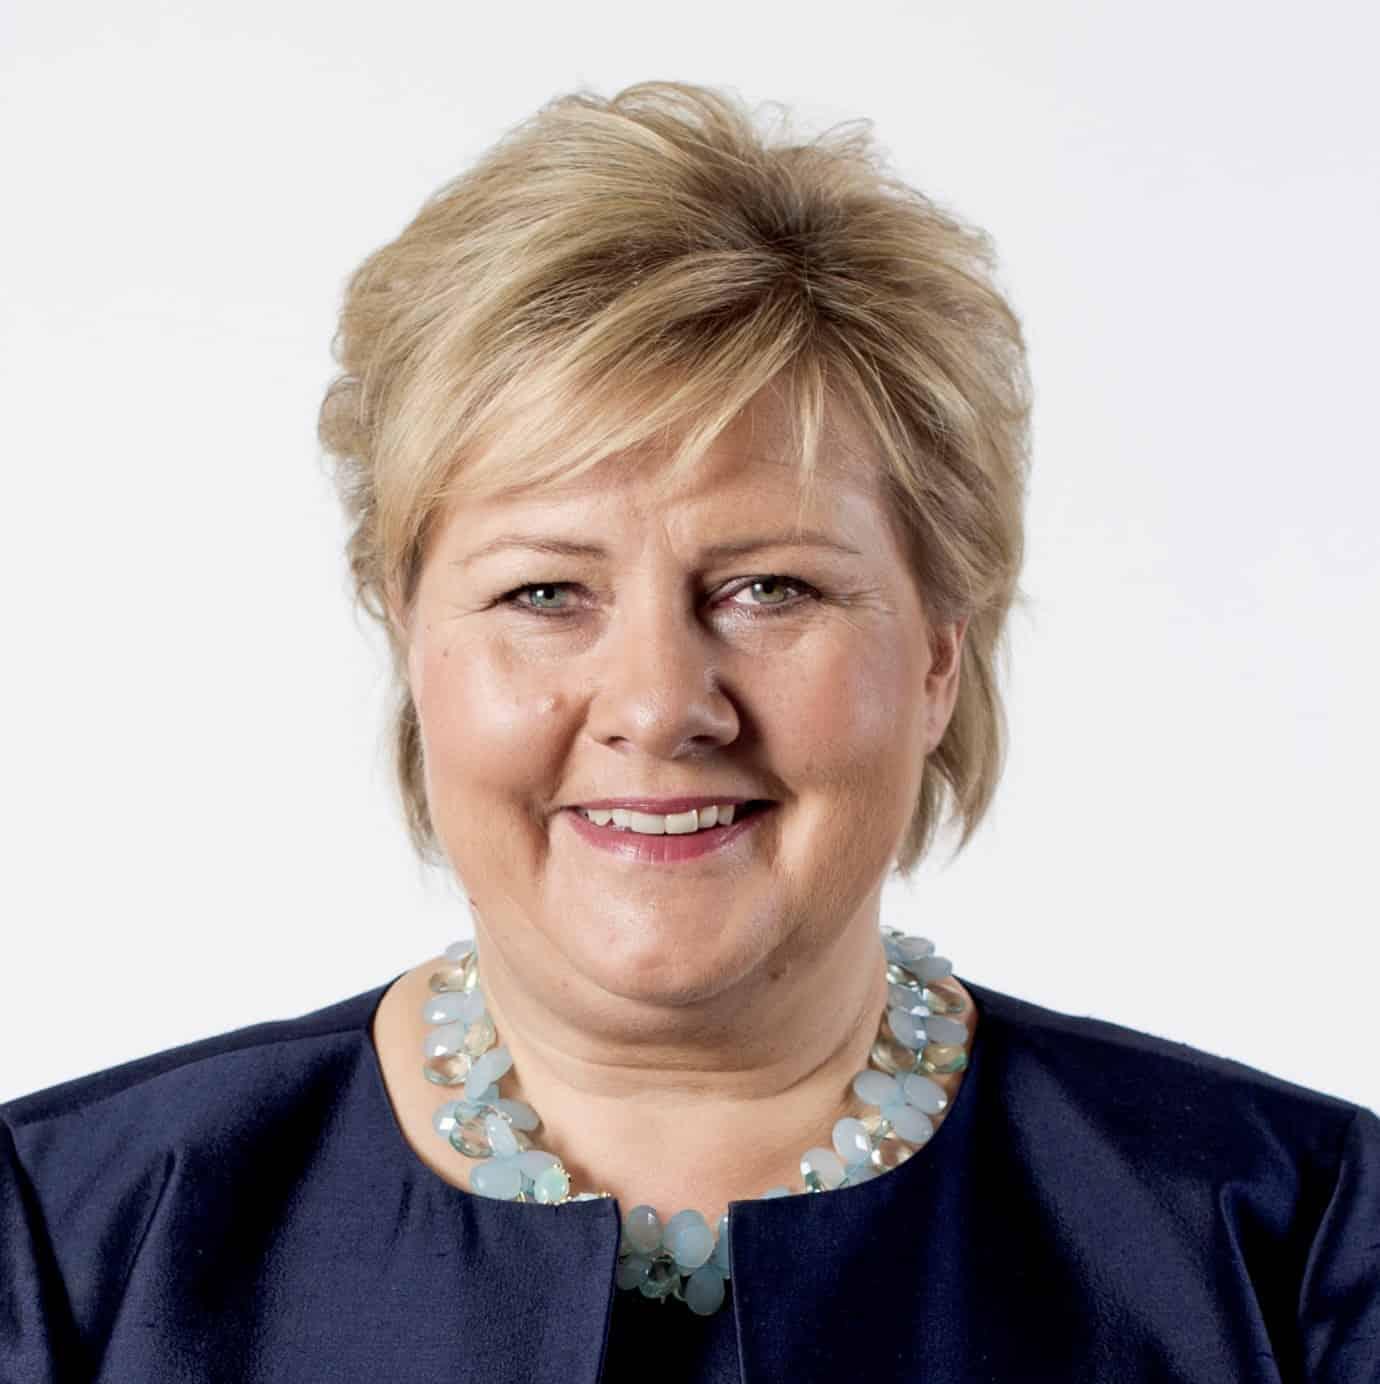 Statsministeren kommer til Skudeneshavn